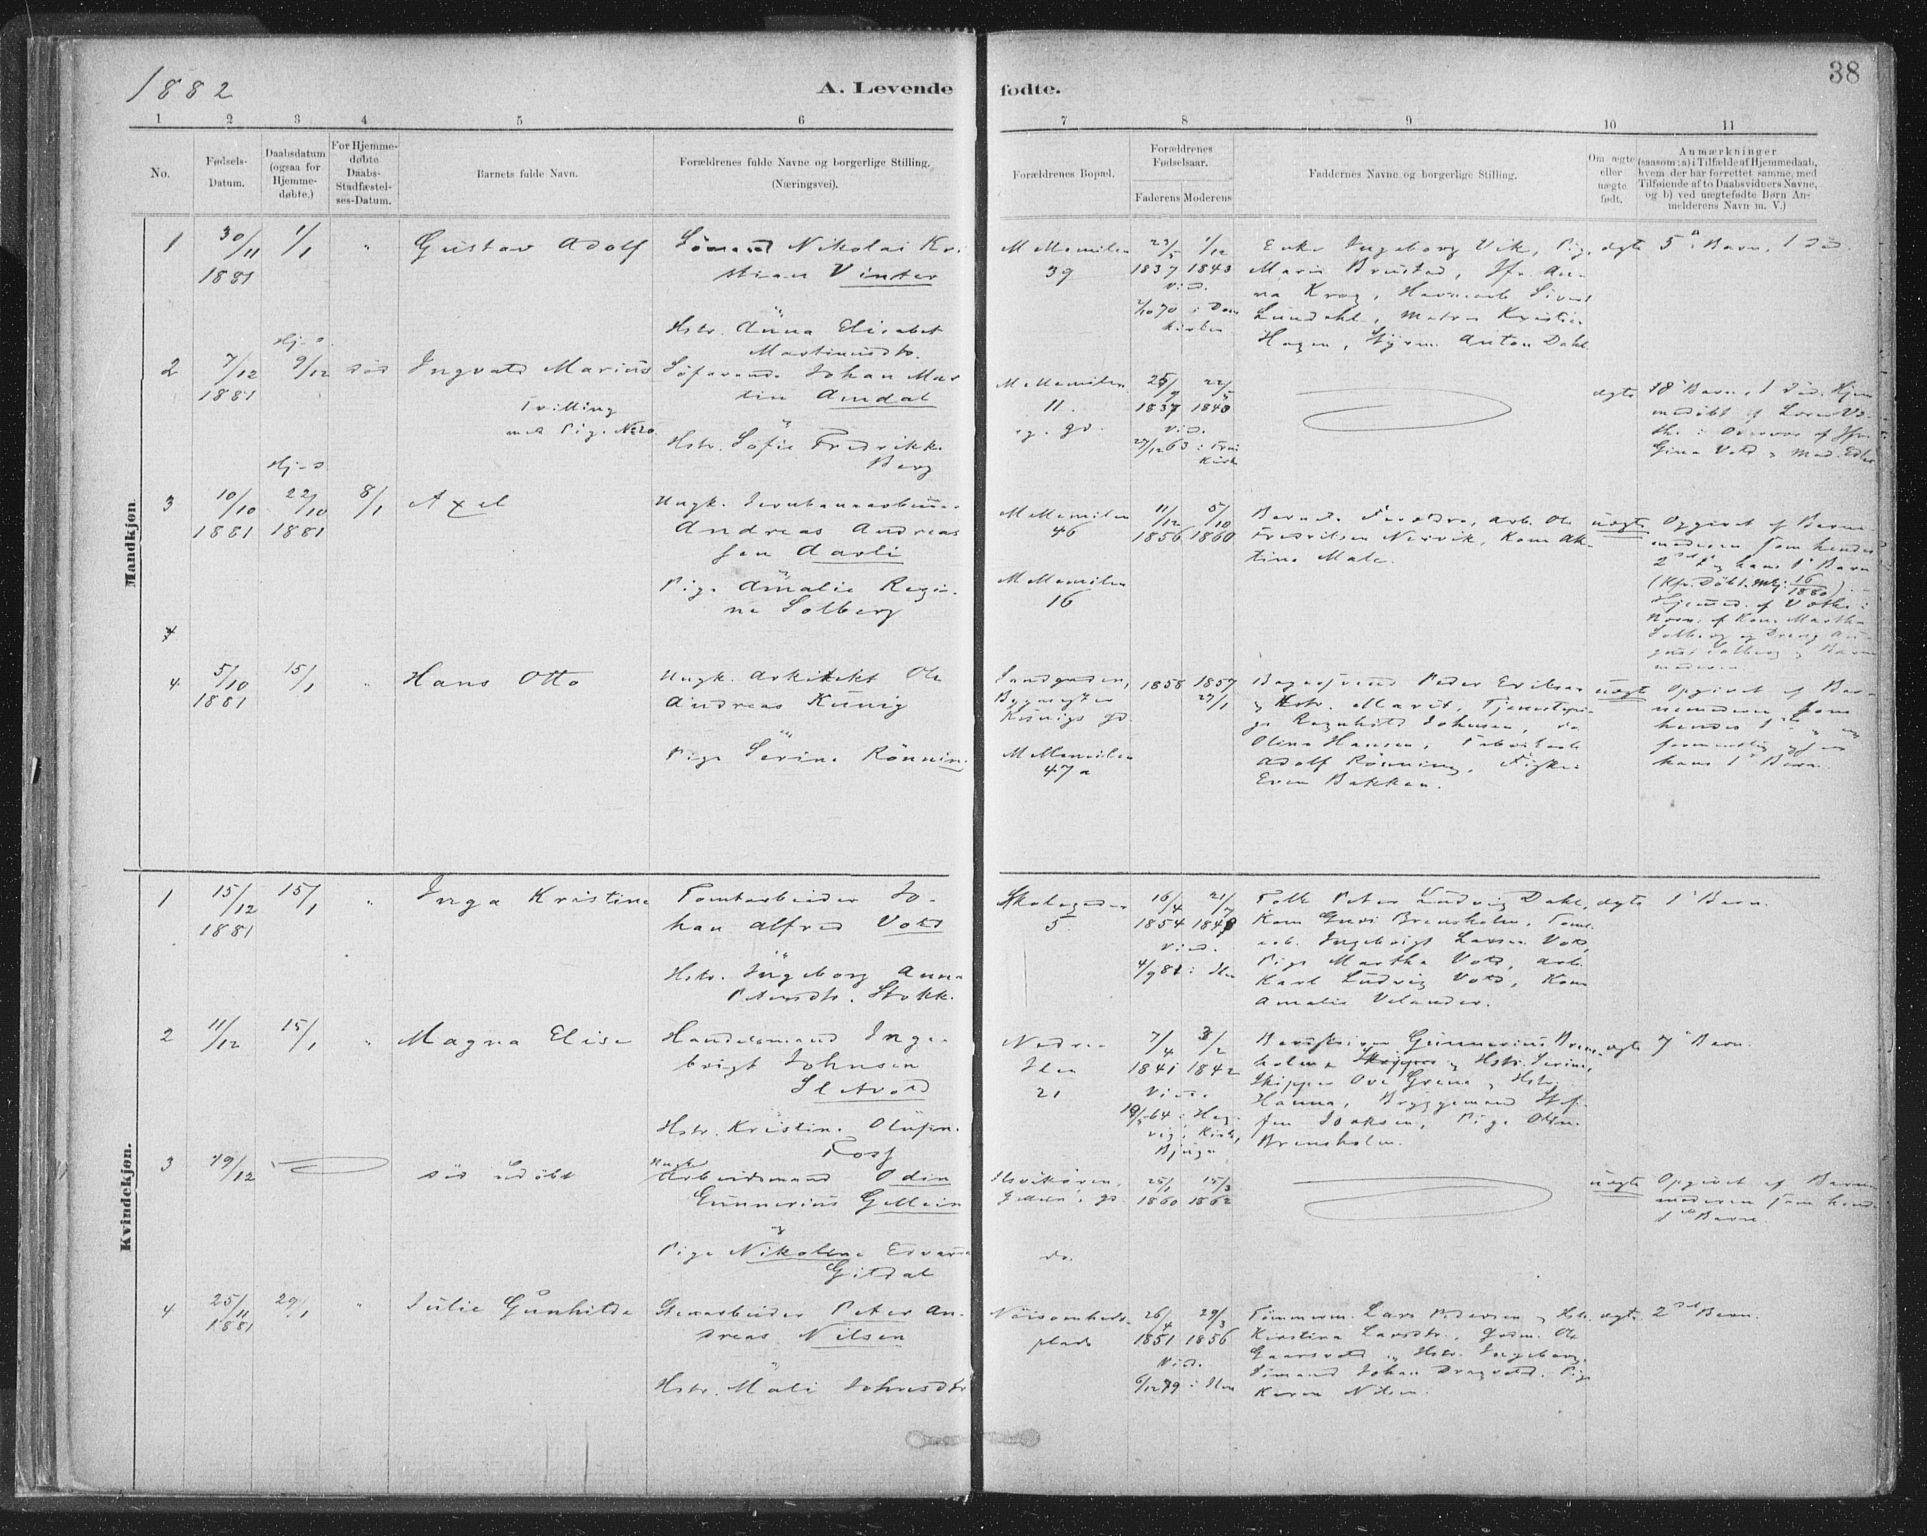 SAT, Ministerialprotokoller, klokkerbøker og fødselsregistre - Sør-Trøndelag, 603/L0162: Ministerialbok nr. 603A01, 1879-1895, s. 38